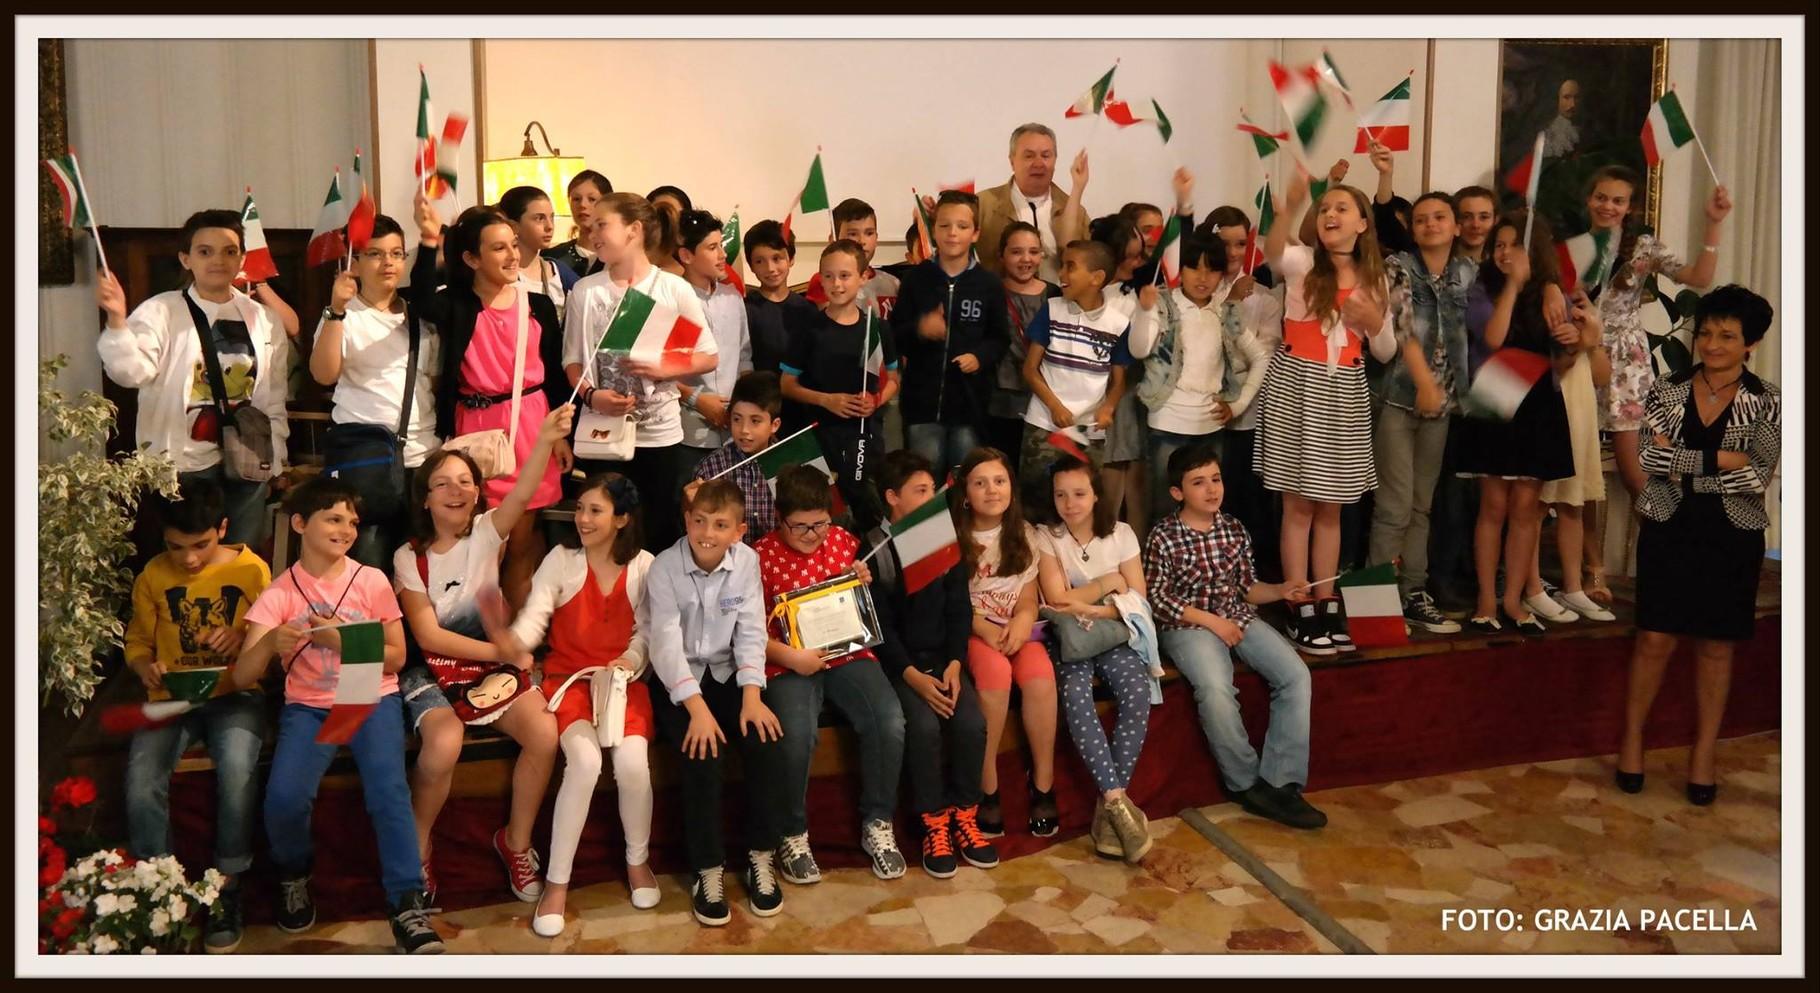 """Il regista Mauro Vittorio Quattrina con alcuni ragazzi presenti alla premiazione mentre cantano il nostro Inno Nazionale """"Il Canto degli Italiani"""""""